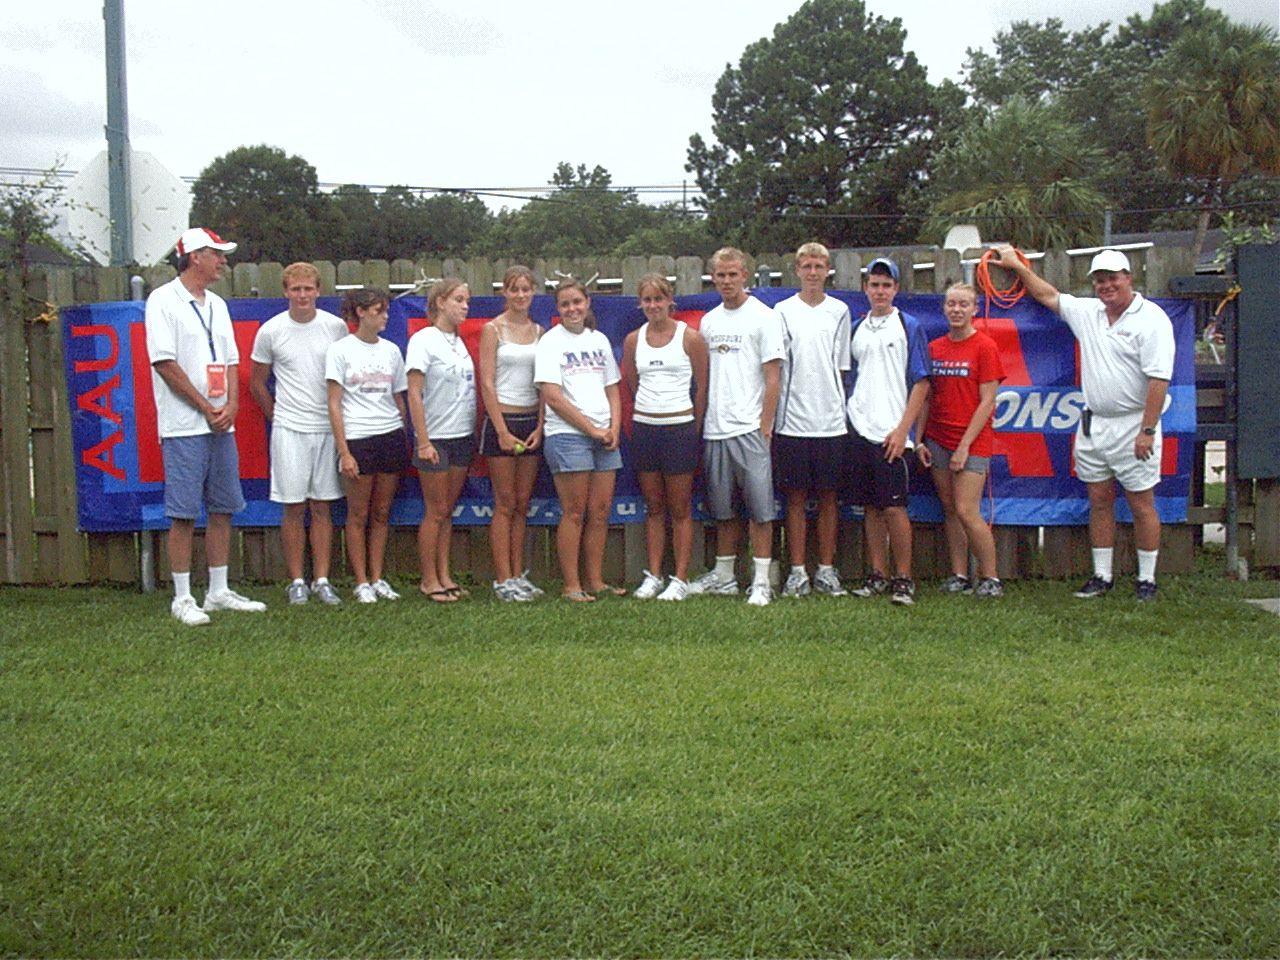 AAU Junior Olympic Team